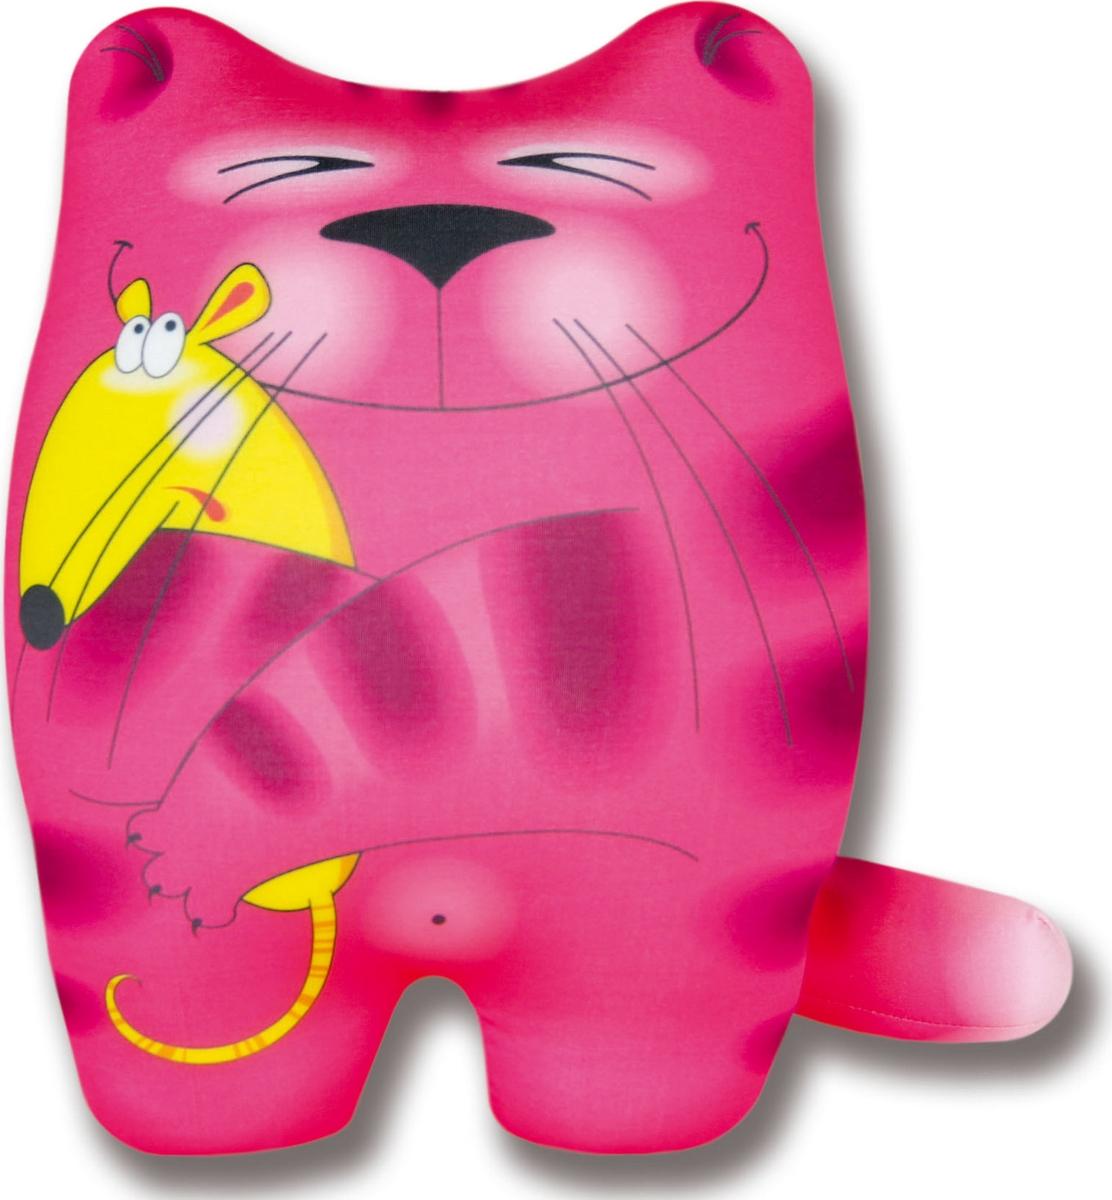 Подушка-игрушка антистрессовая Кошки Мышки, розовый